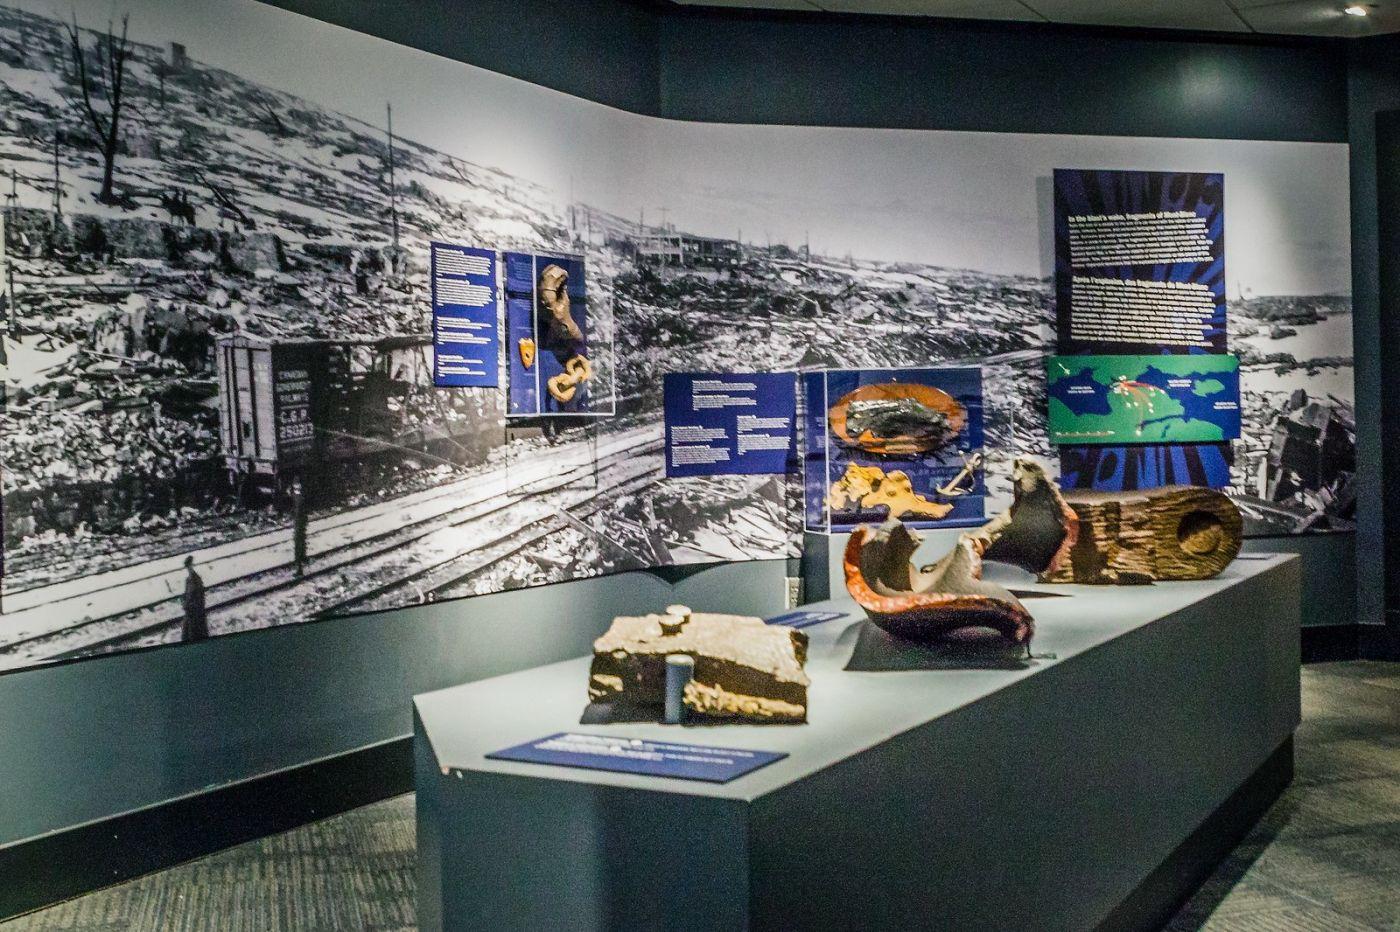 加拿大哈利法克斯(Halifax)大西洋海事博物馆_图1-37